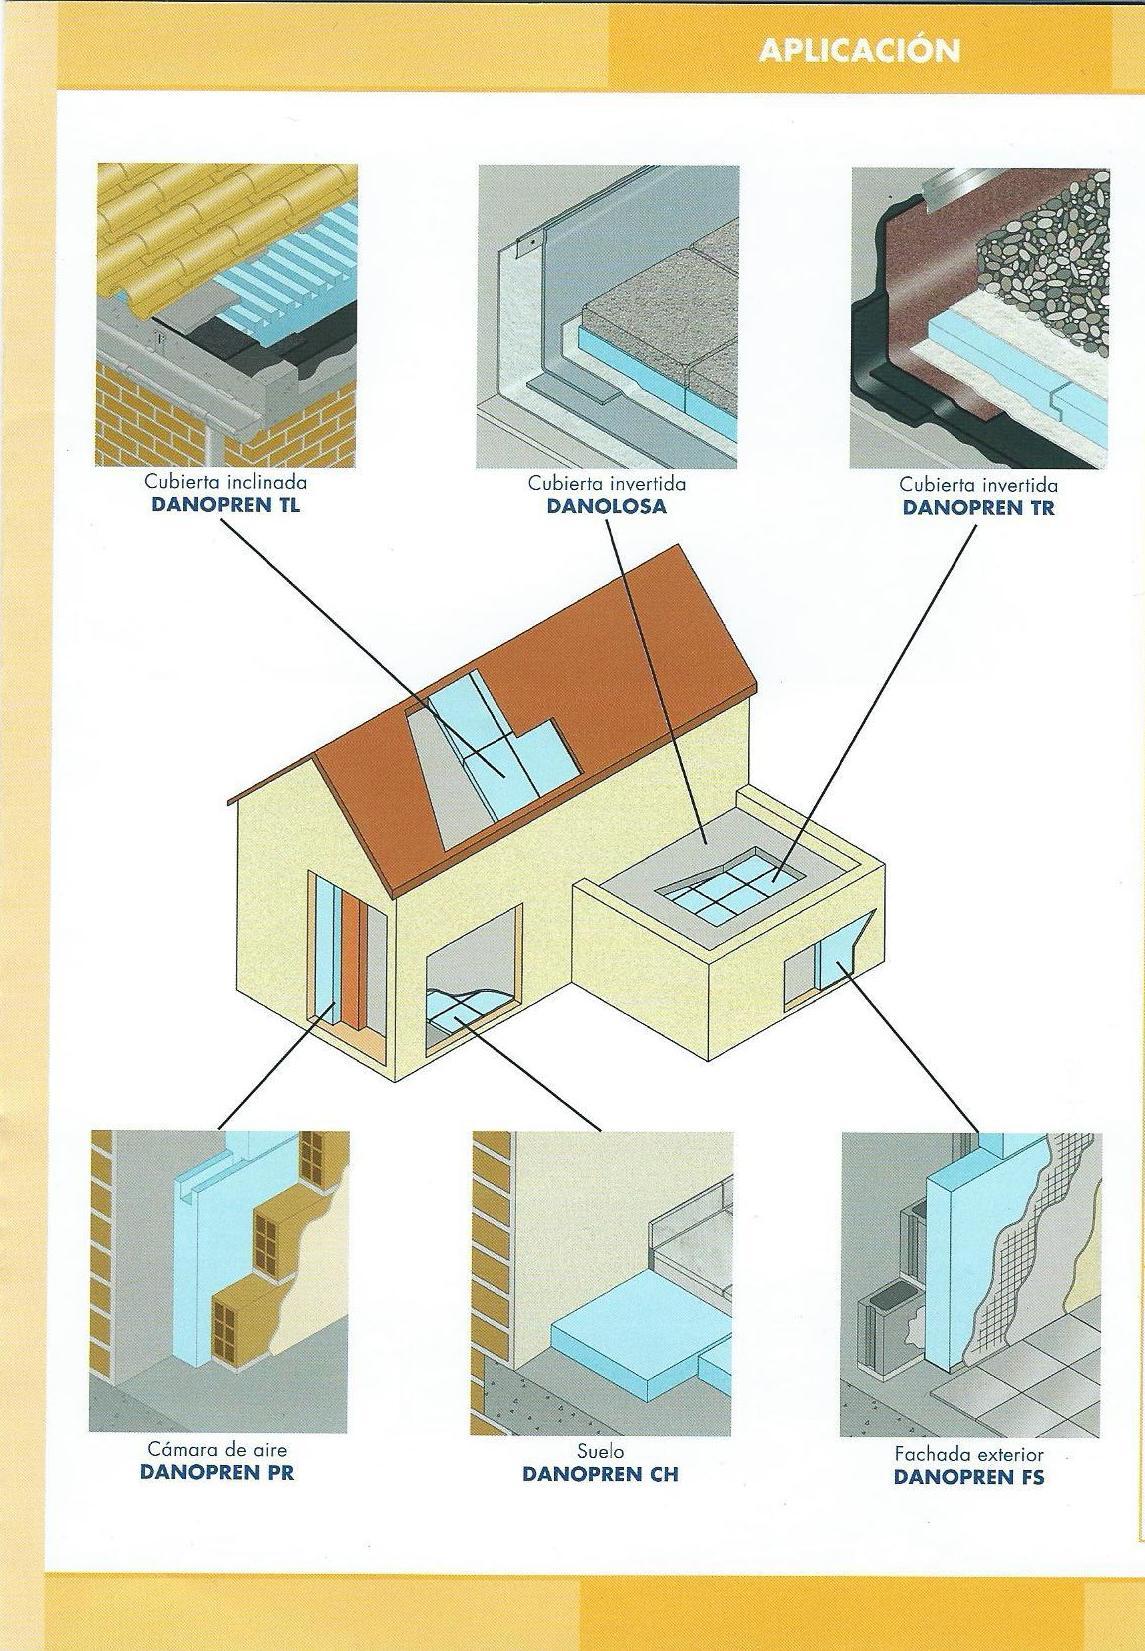 Danopren, aislamiento térmico para edificación